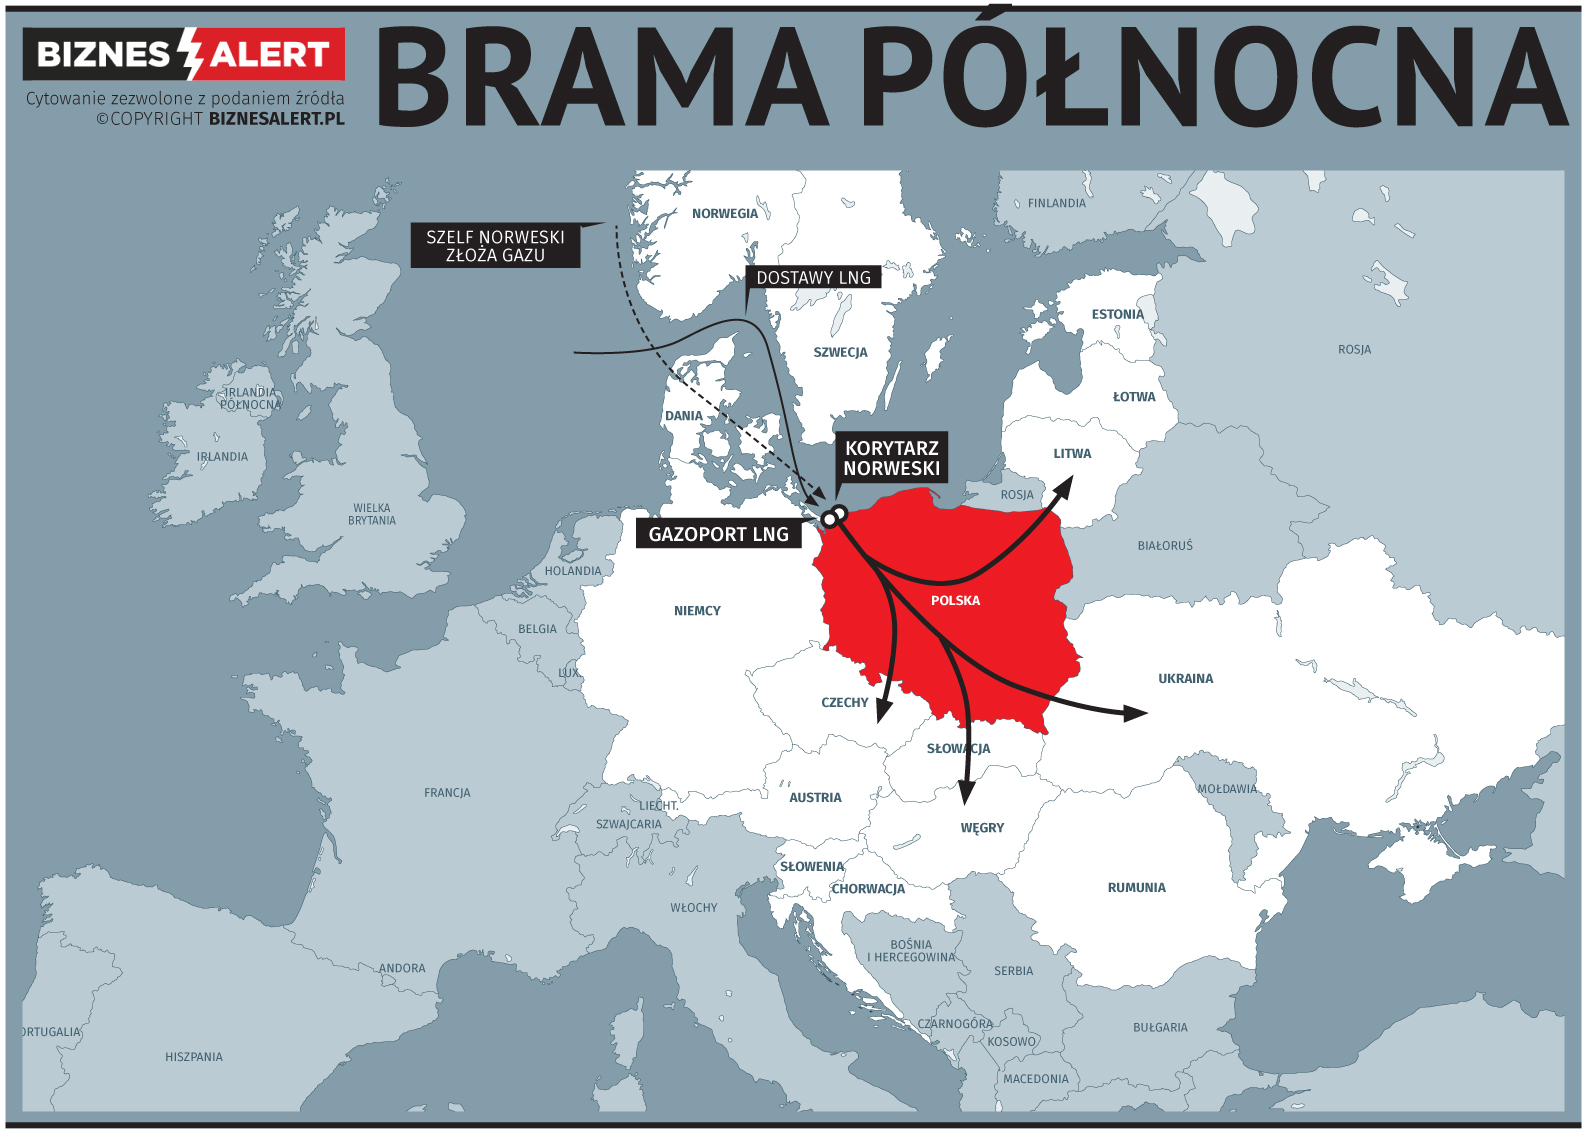 Brama Północna. Grafika: BiznesAlert.pl